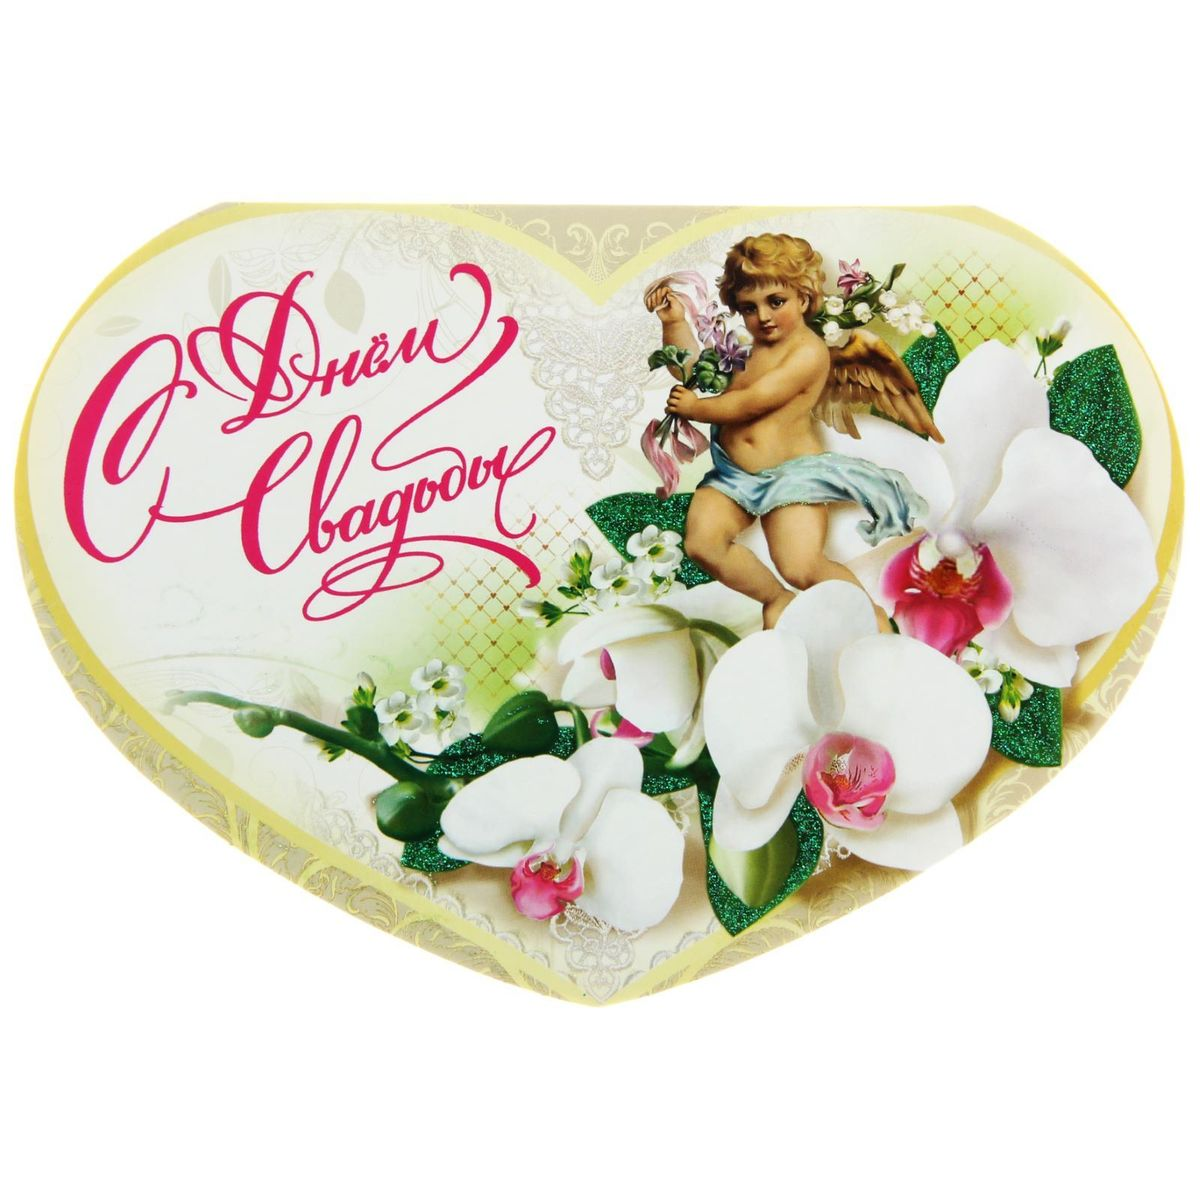 Открытка Эдельвейс С днем свадьбы. Ангел париж открытка